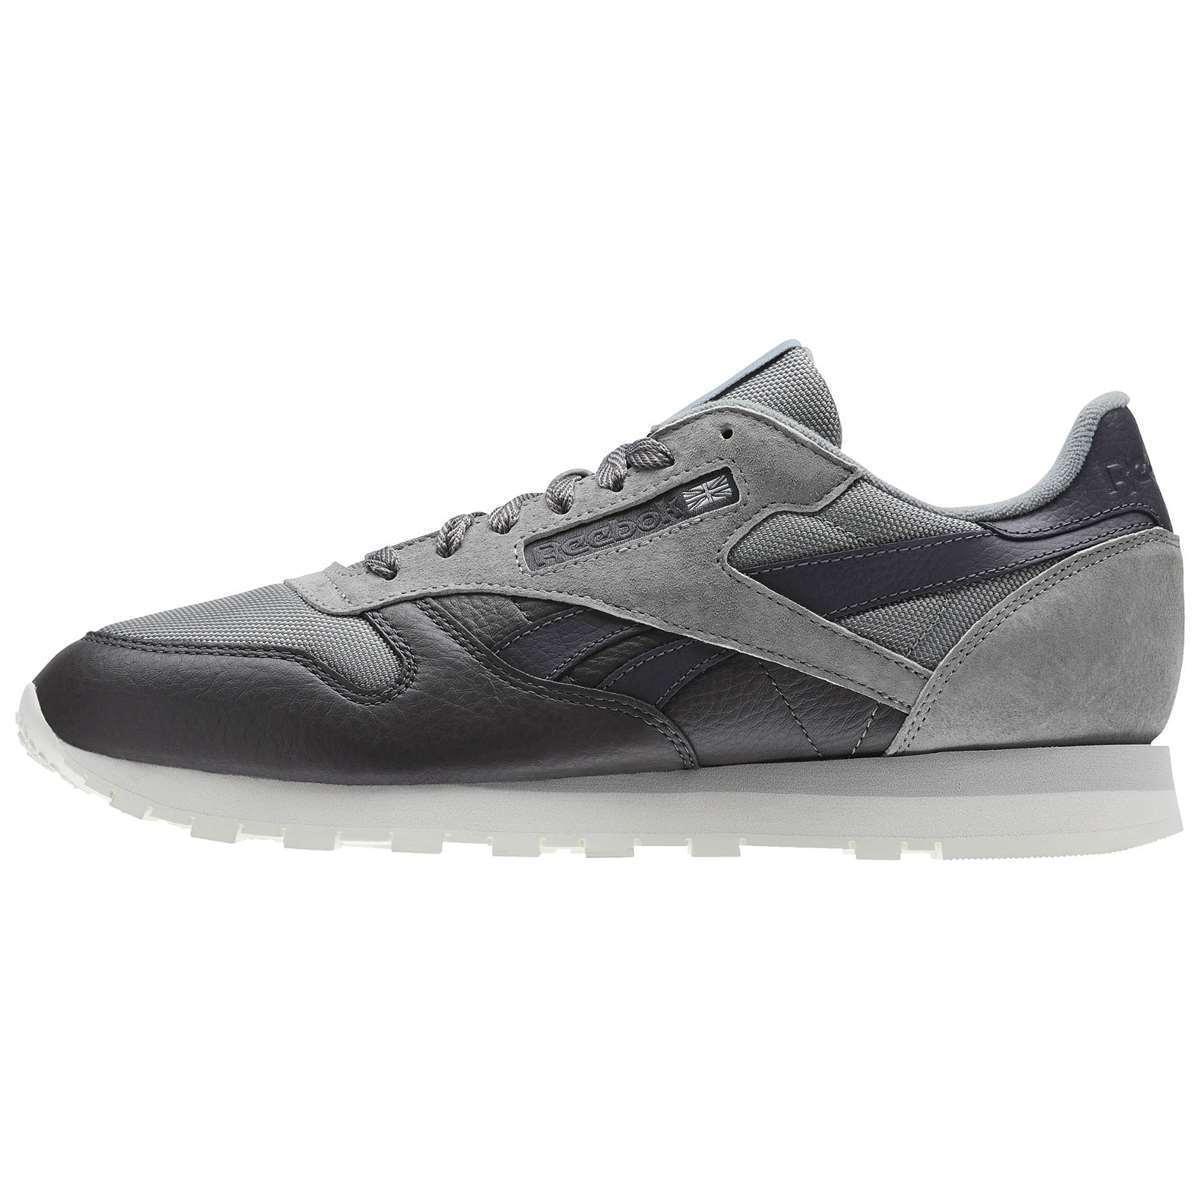 bei reebok klassiker leder sneakers retro - erbe lässige sneakers leder authentic 832a8c